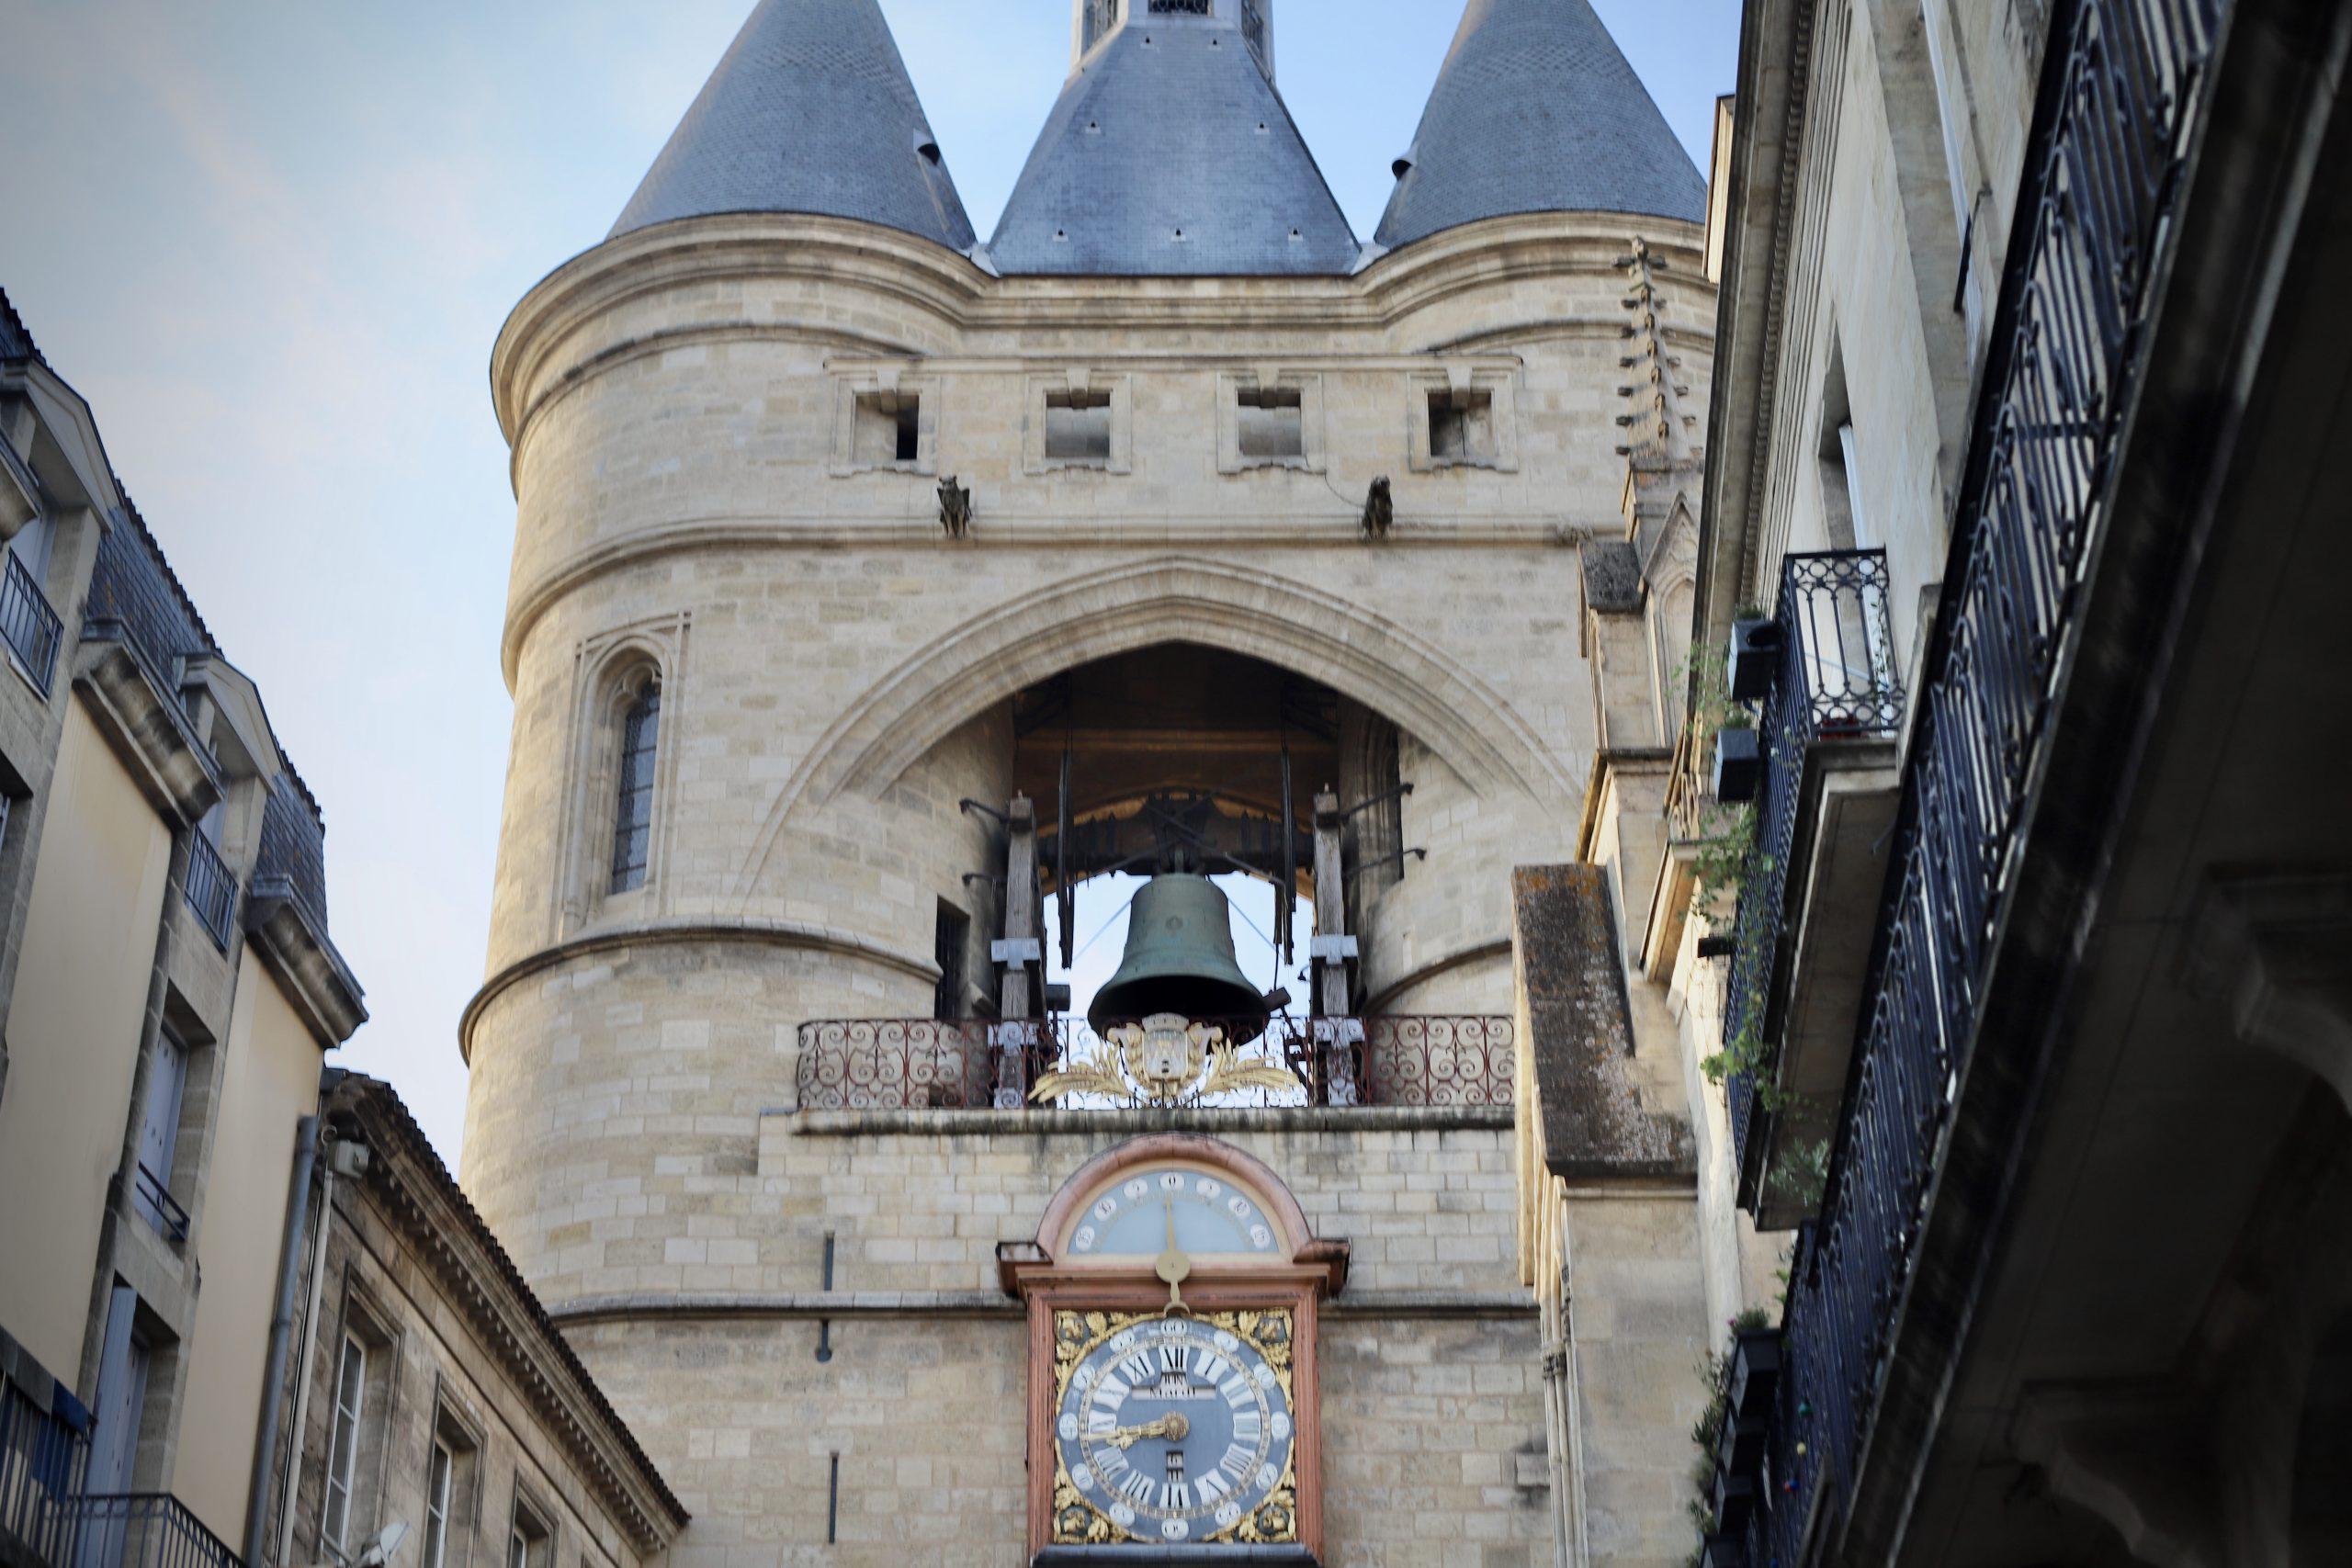 Clock Tower, Bordeaux, France